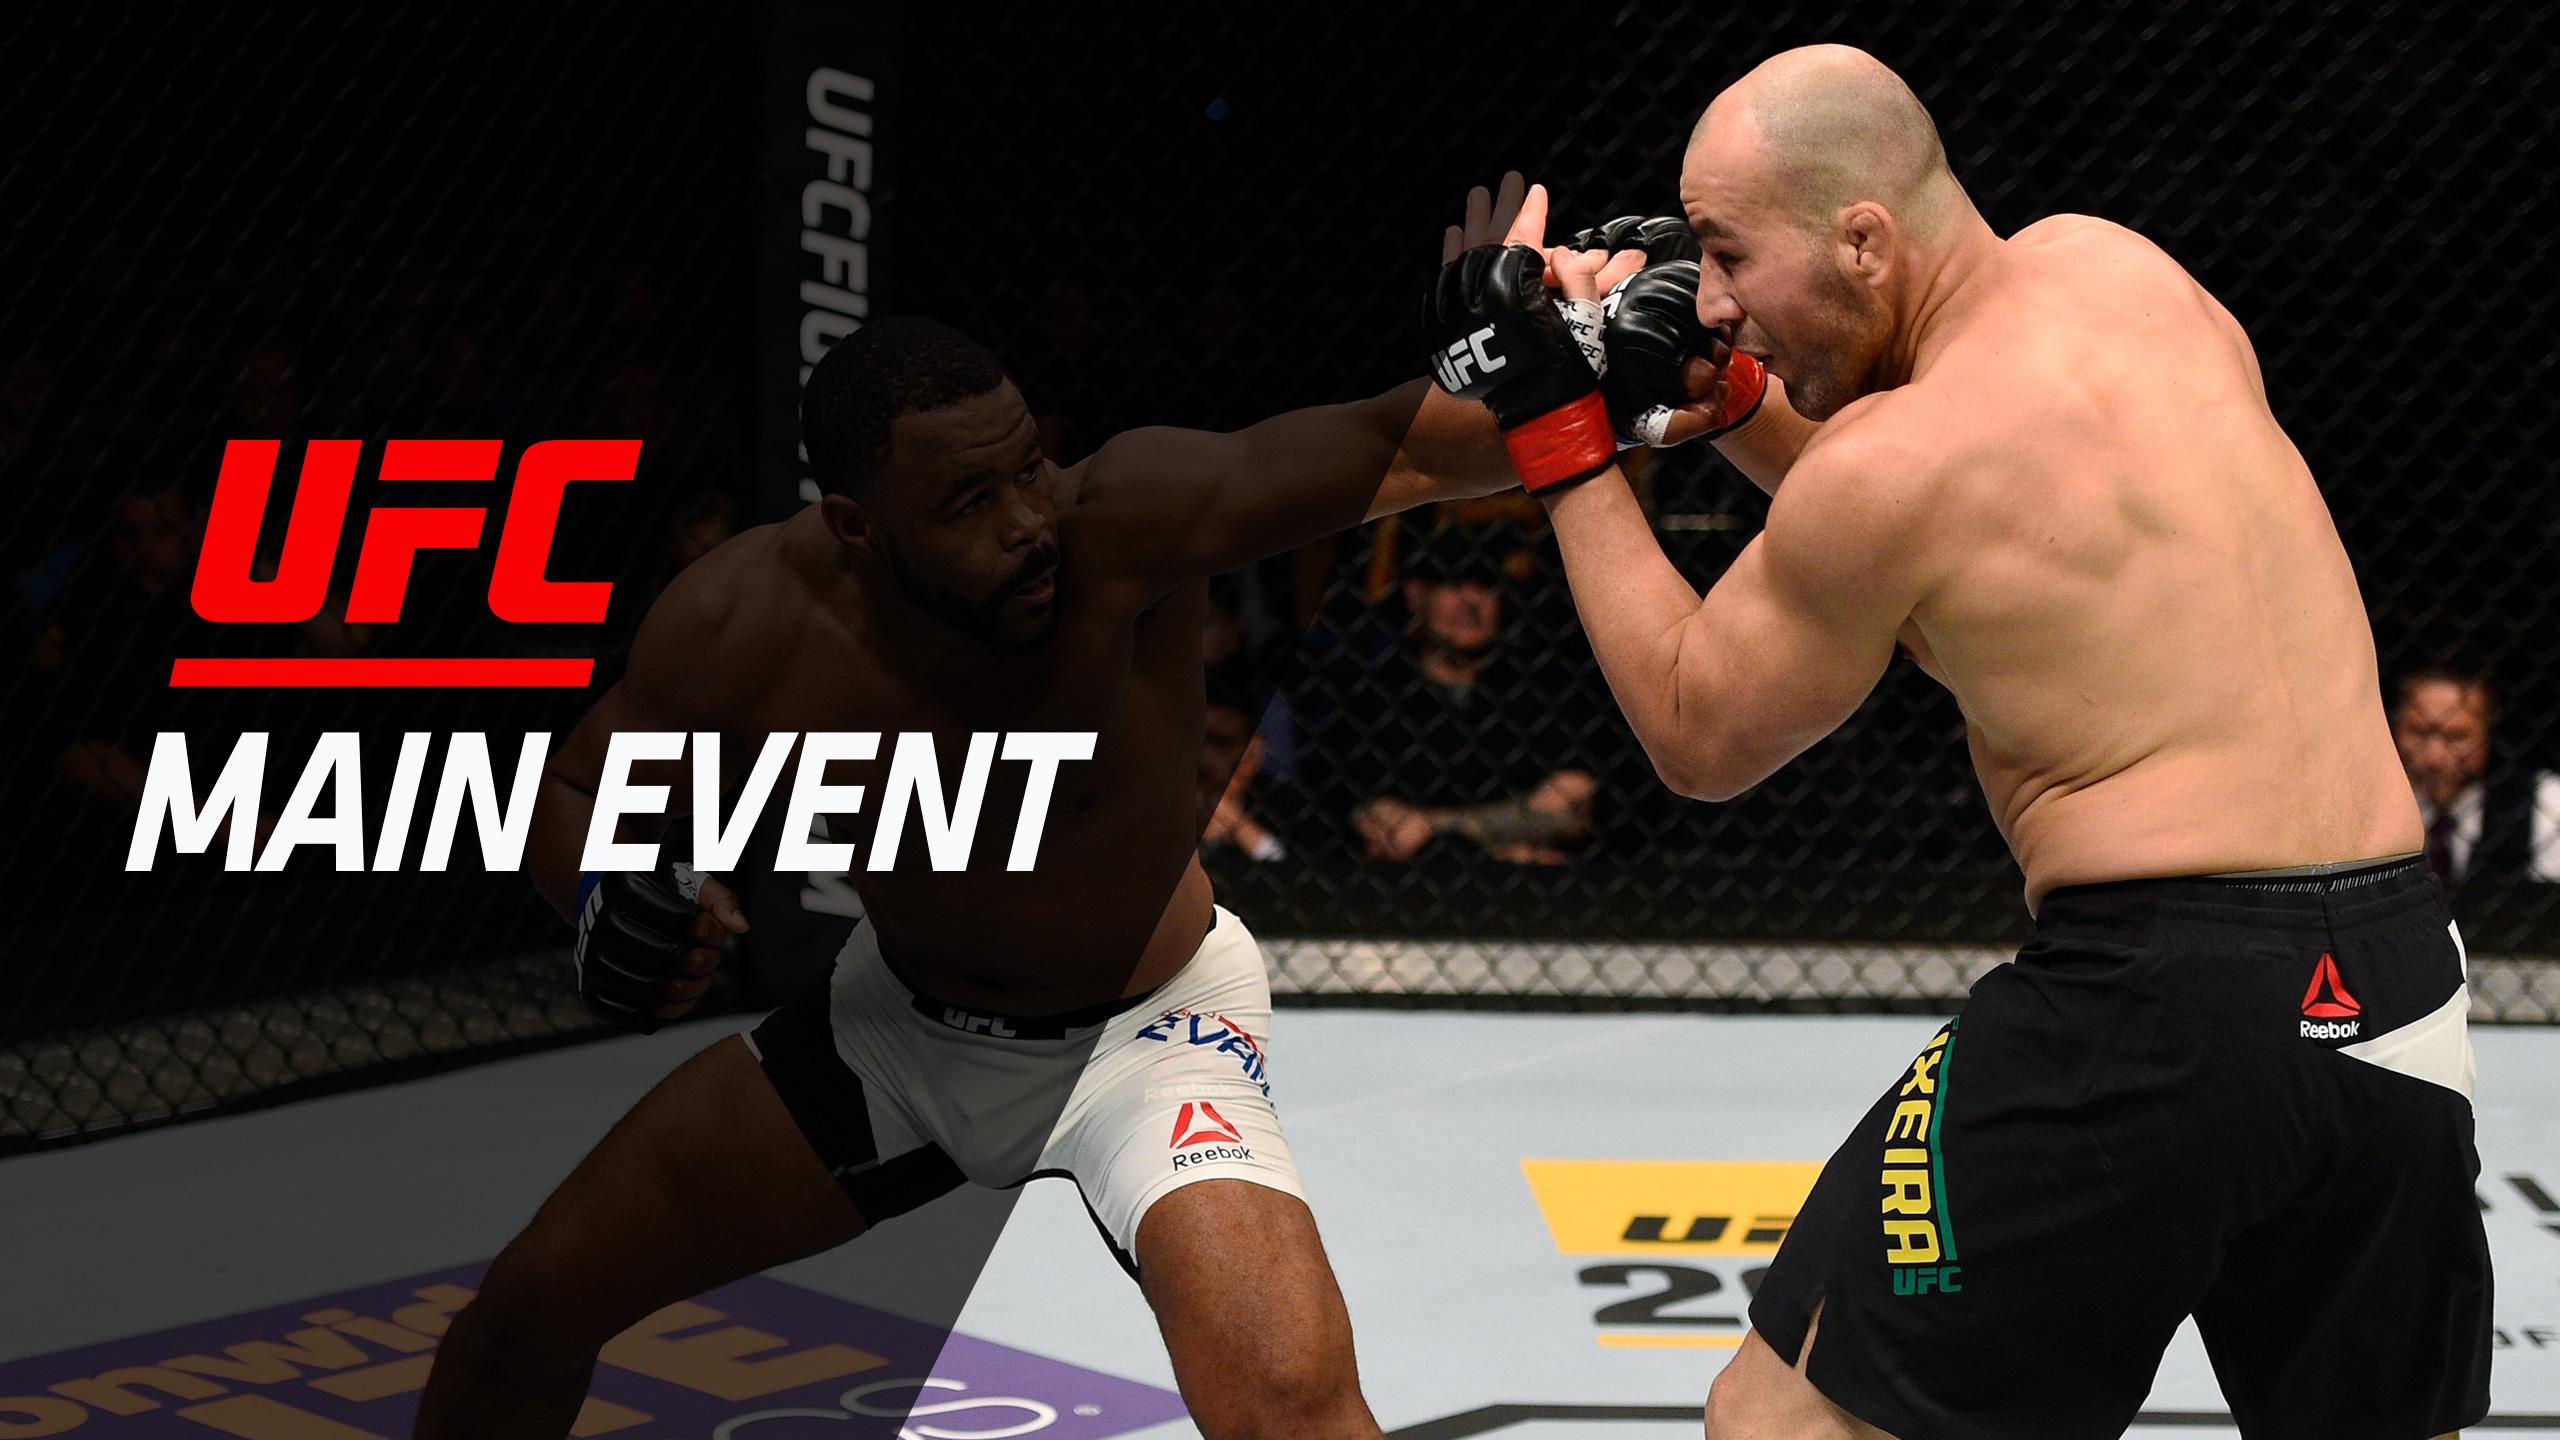 UFC Main Event: Teixeira vs. Evans / Namajunas vs. Torres